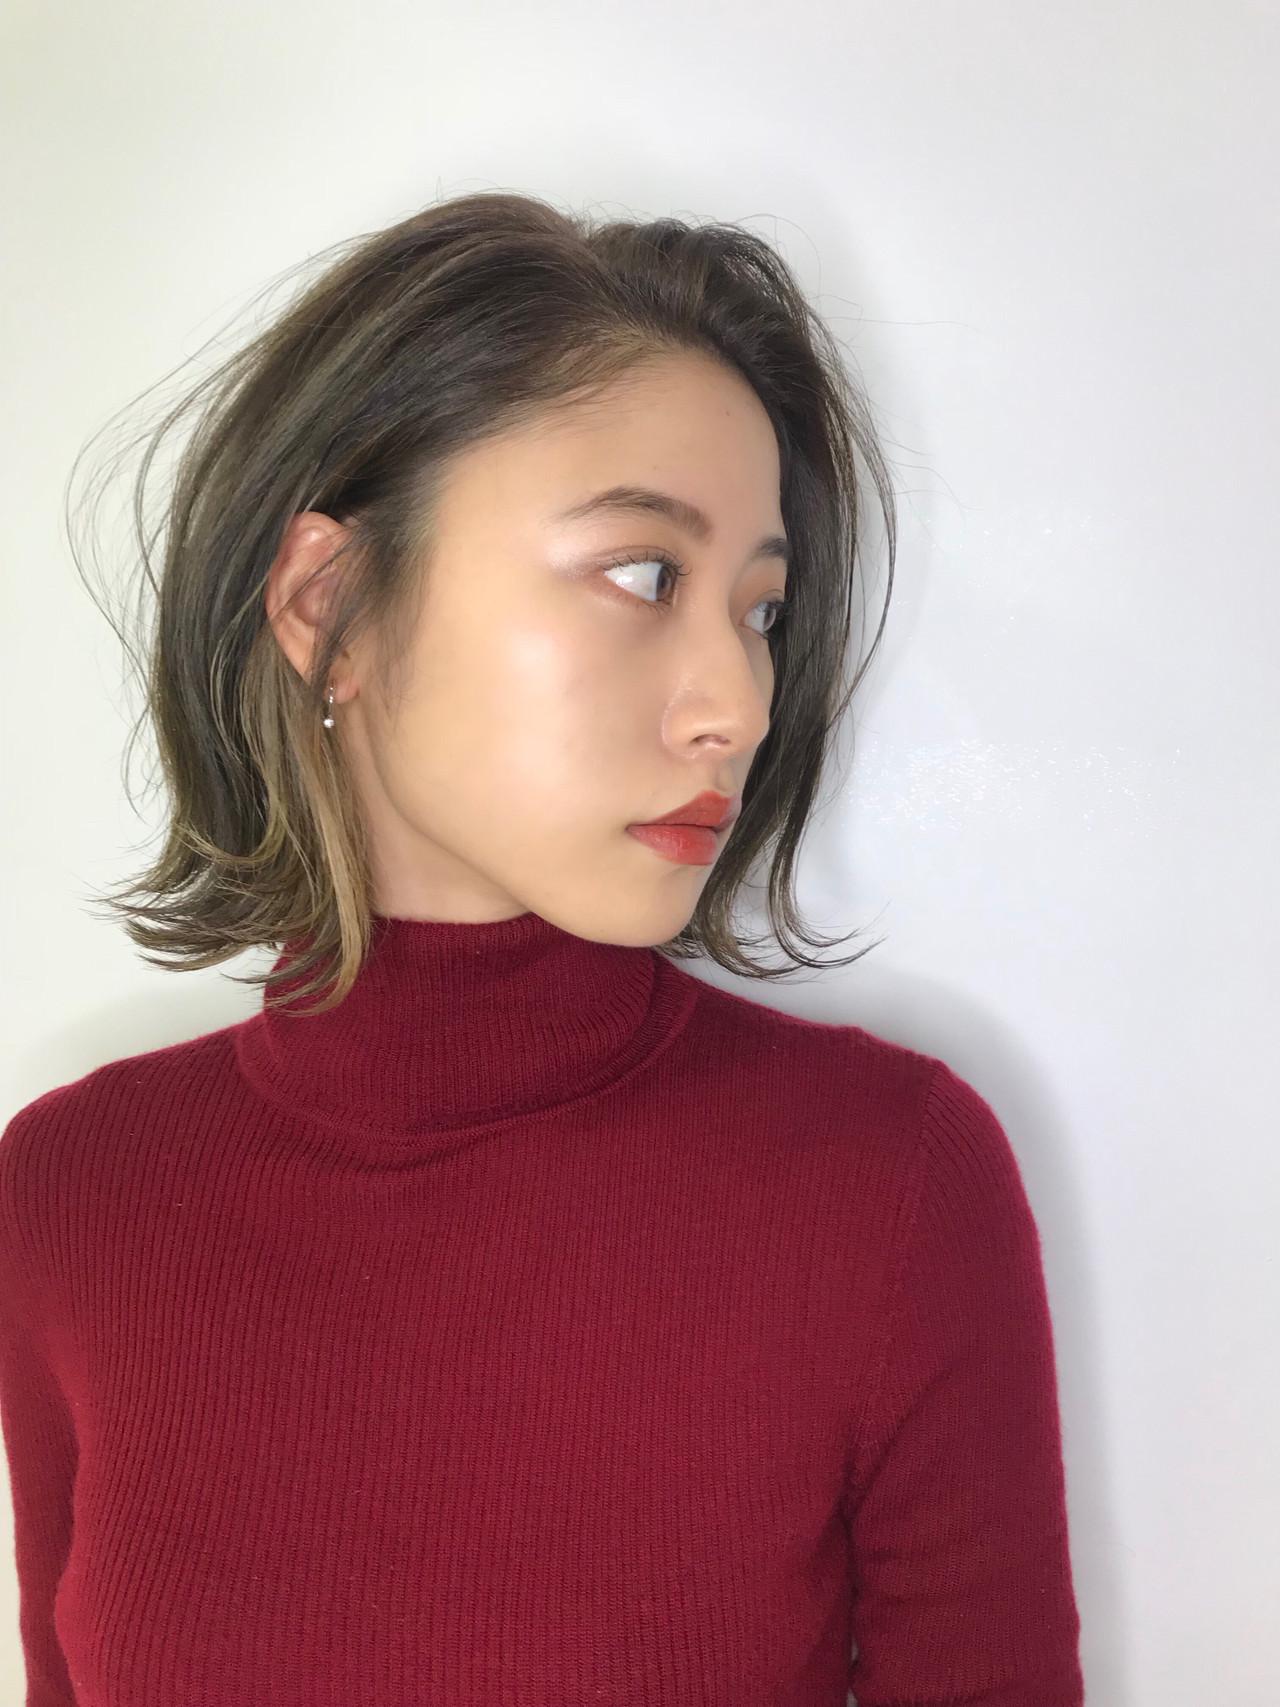 モード ボブ インナーカラー キコボブ ヘアスタイルや髪型の写真・画像